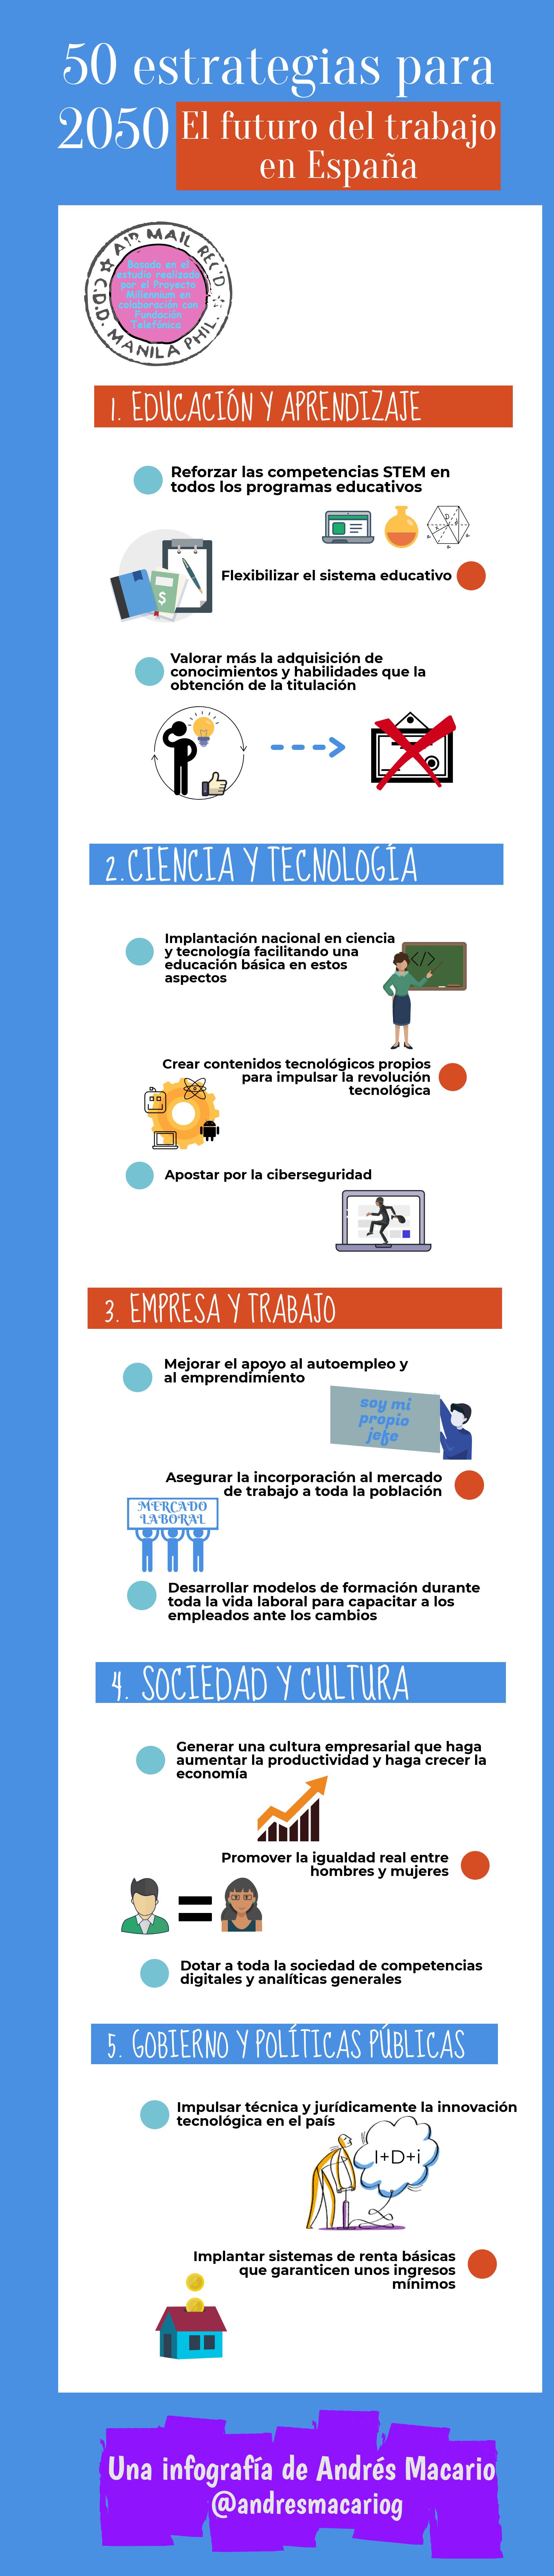 50 estrategias para 2050, el futuro del trabajo en España - infografía Andrés Macario